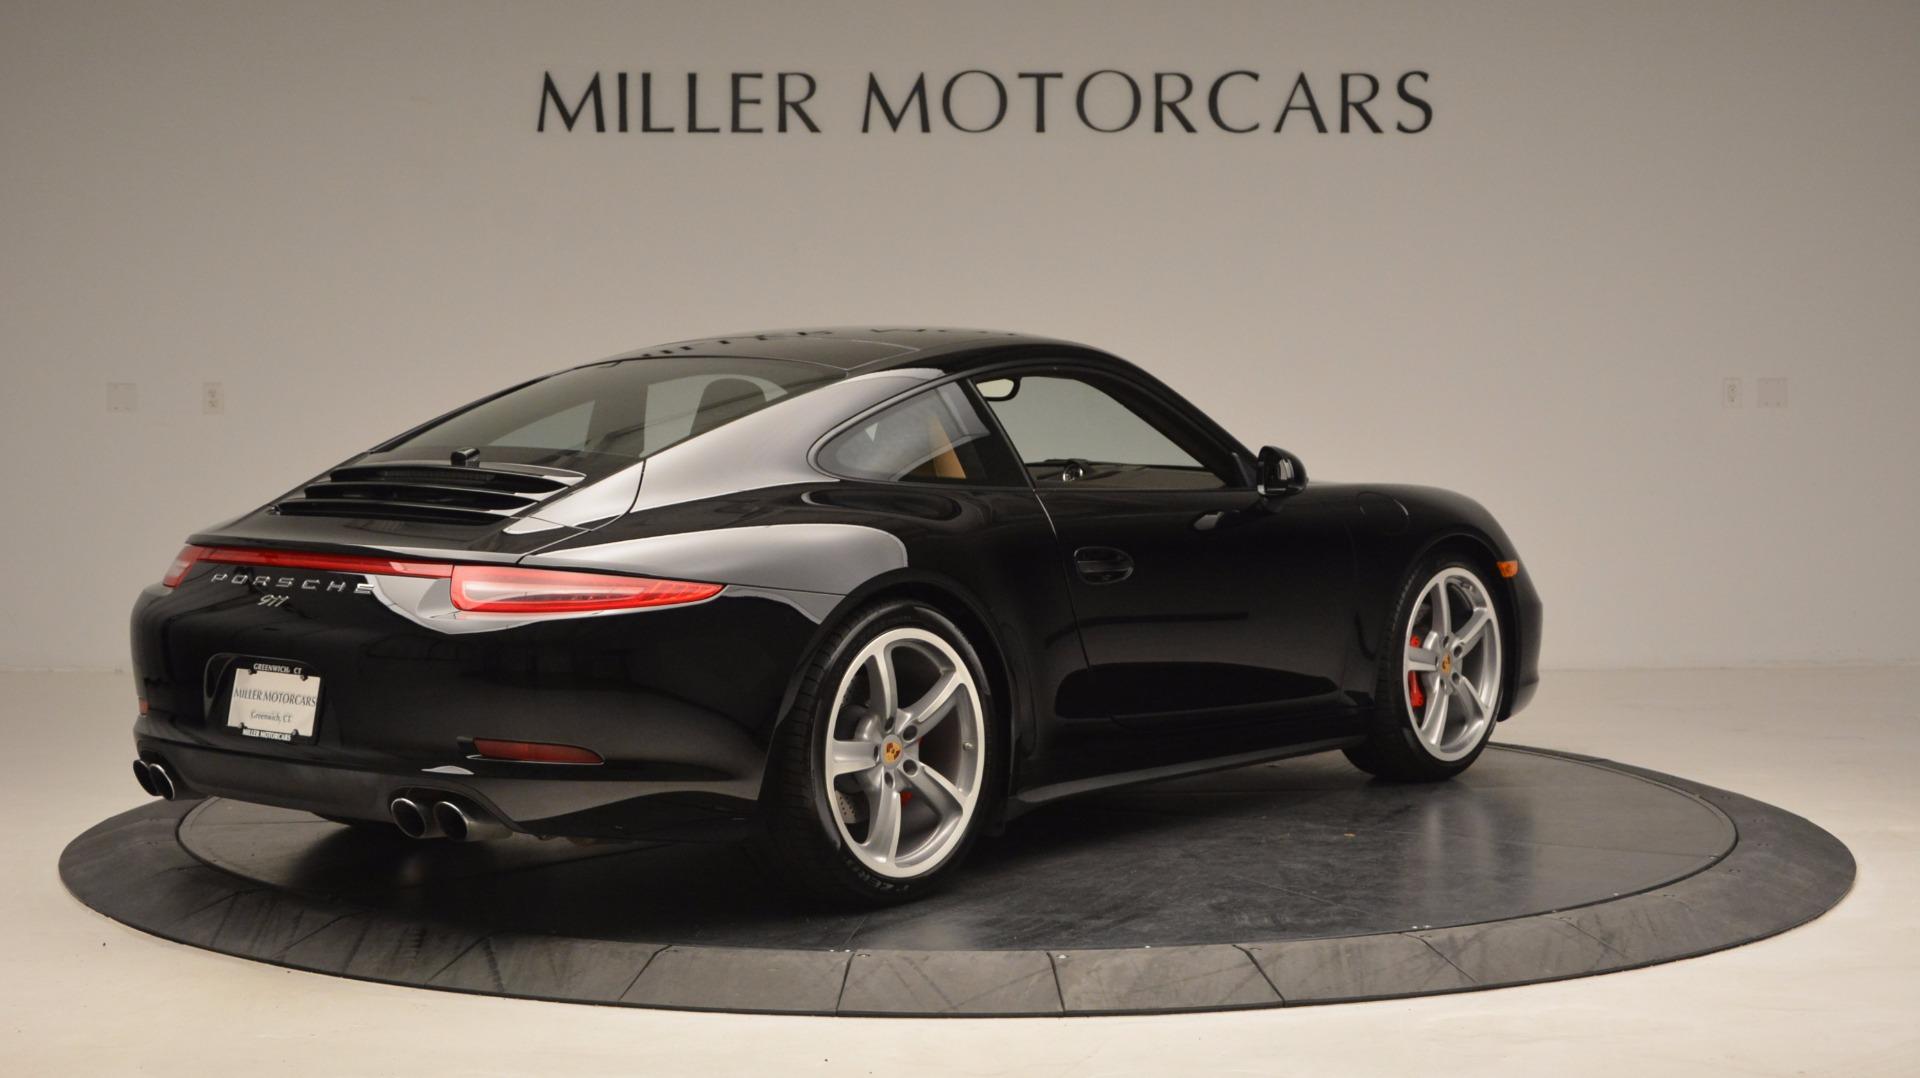 Used 2014 Porsche 911 Carrera 4S For Sale In Greenwich, CT 1076_p7